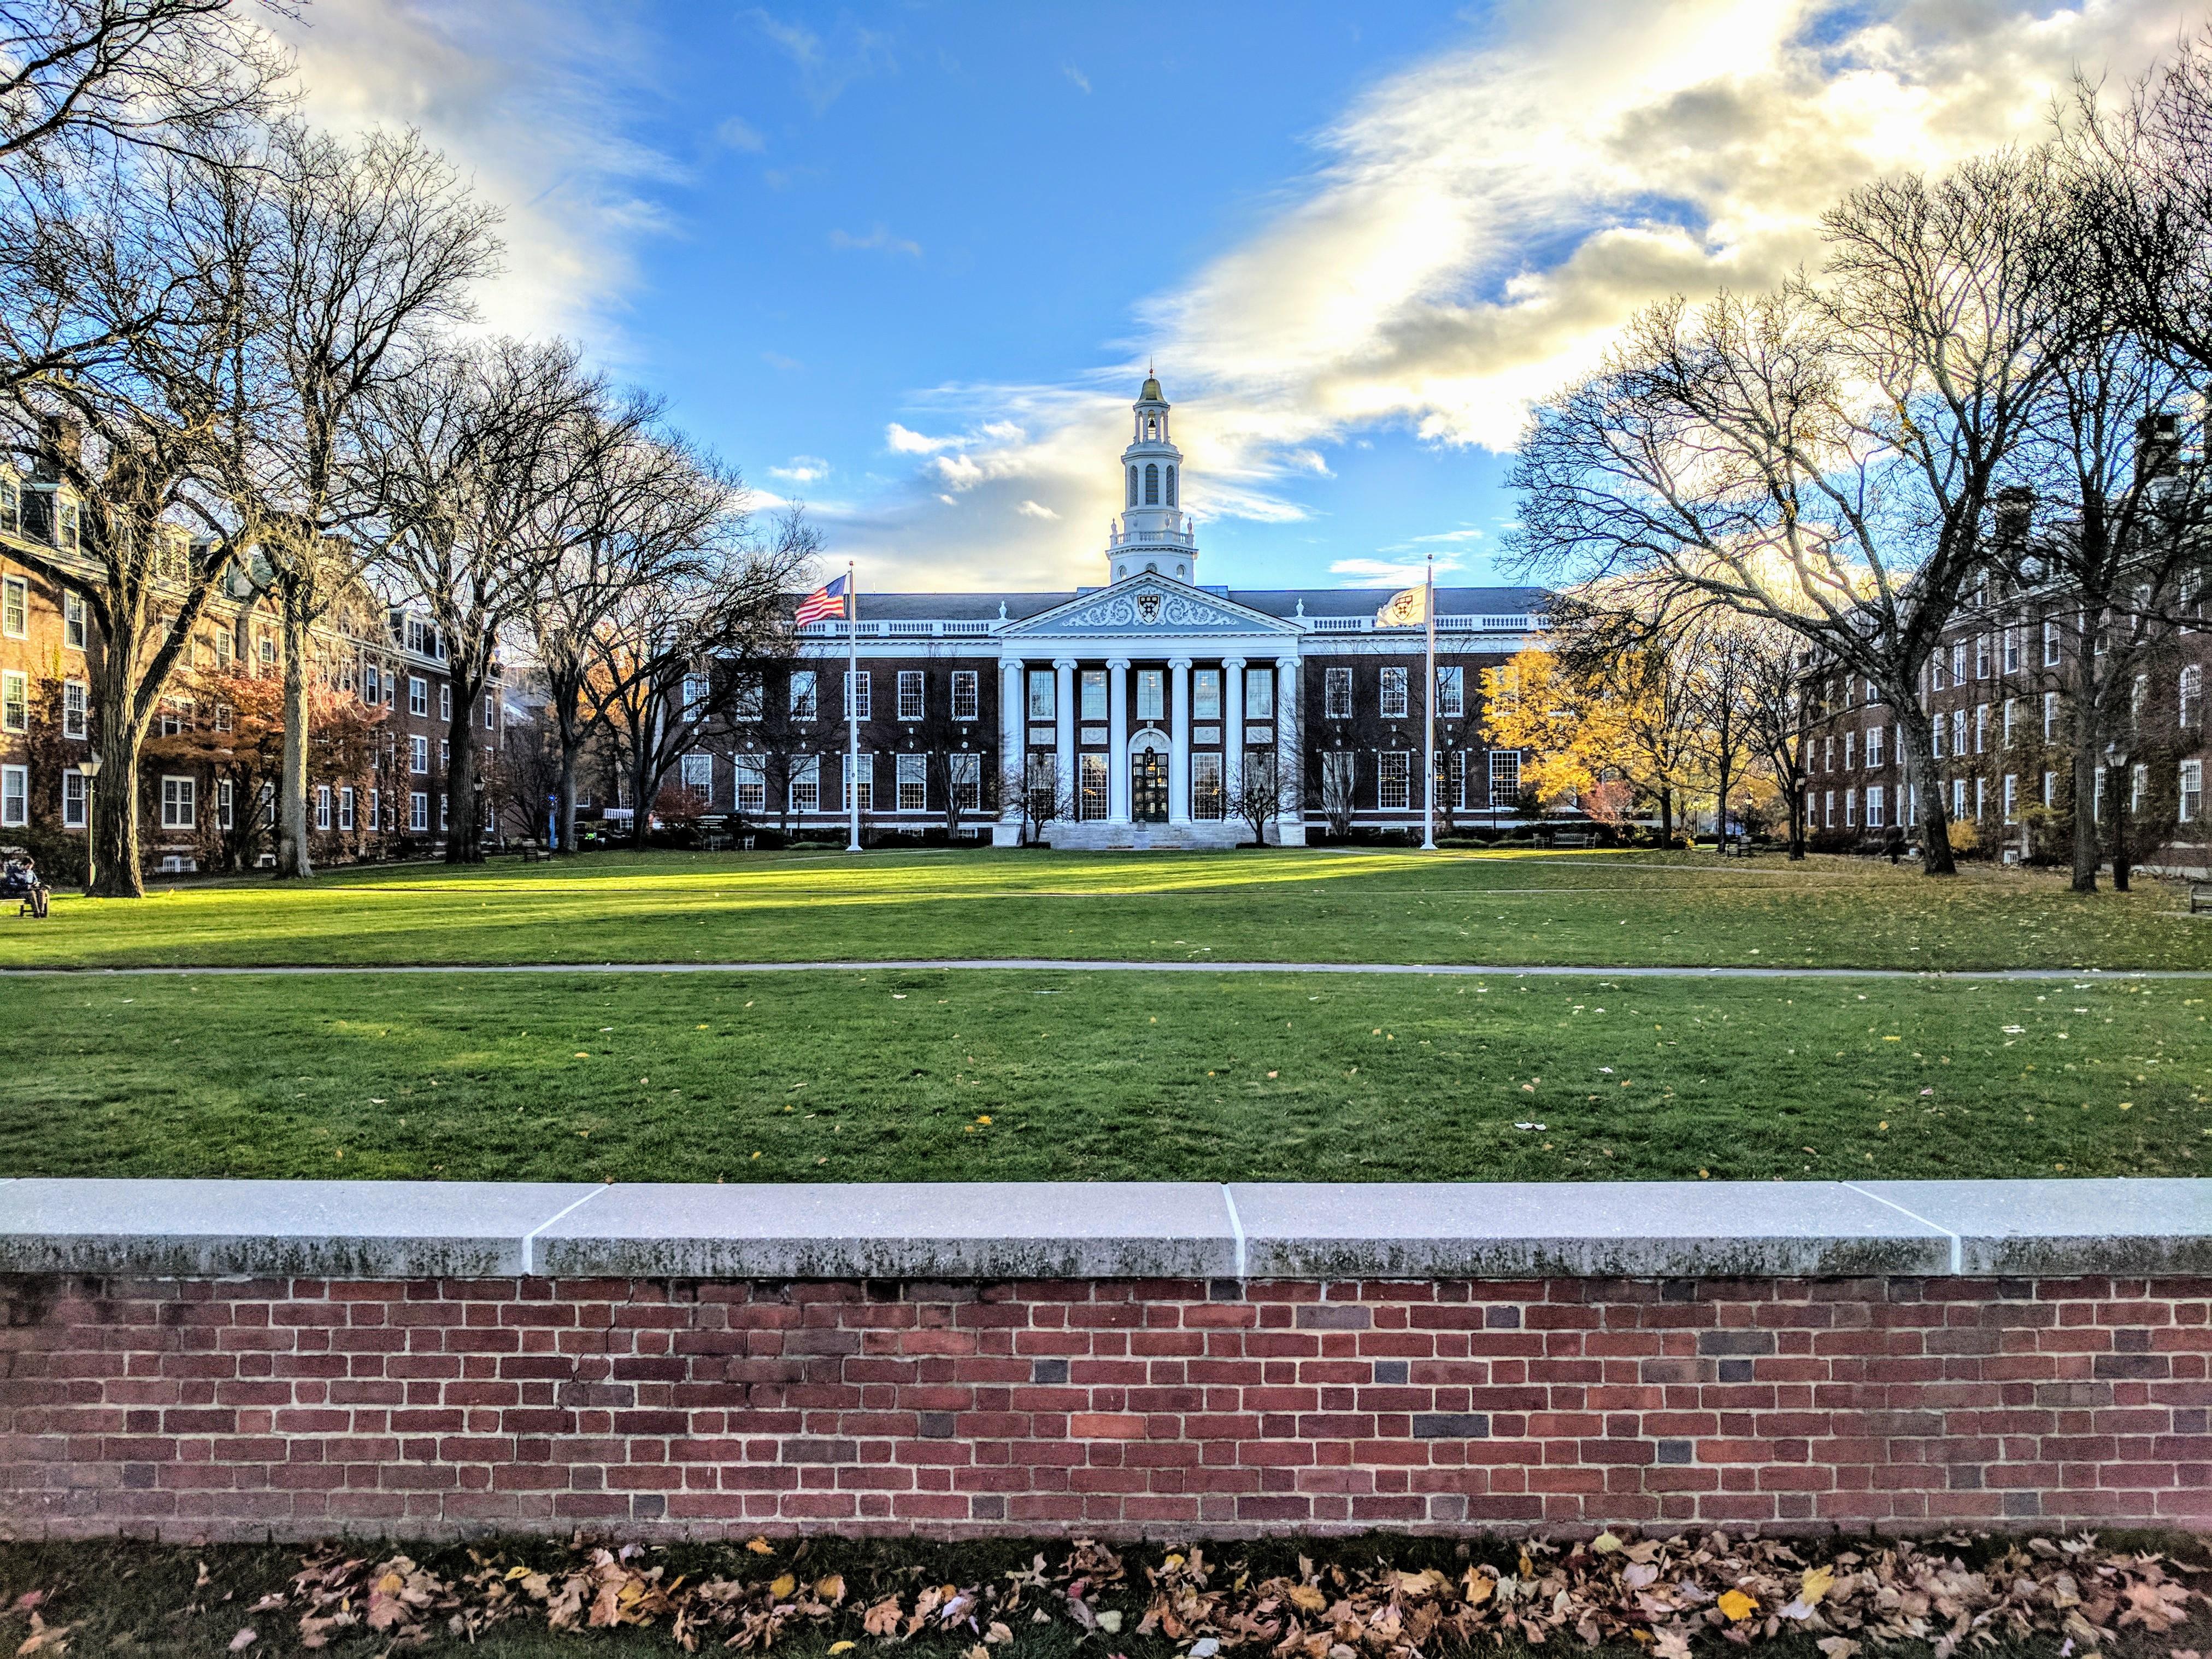 A-Harvard-Business-School-é-a-casa-do-melhor-curso-de-contabilidade-nos-eua